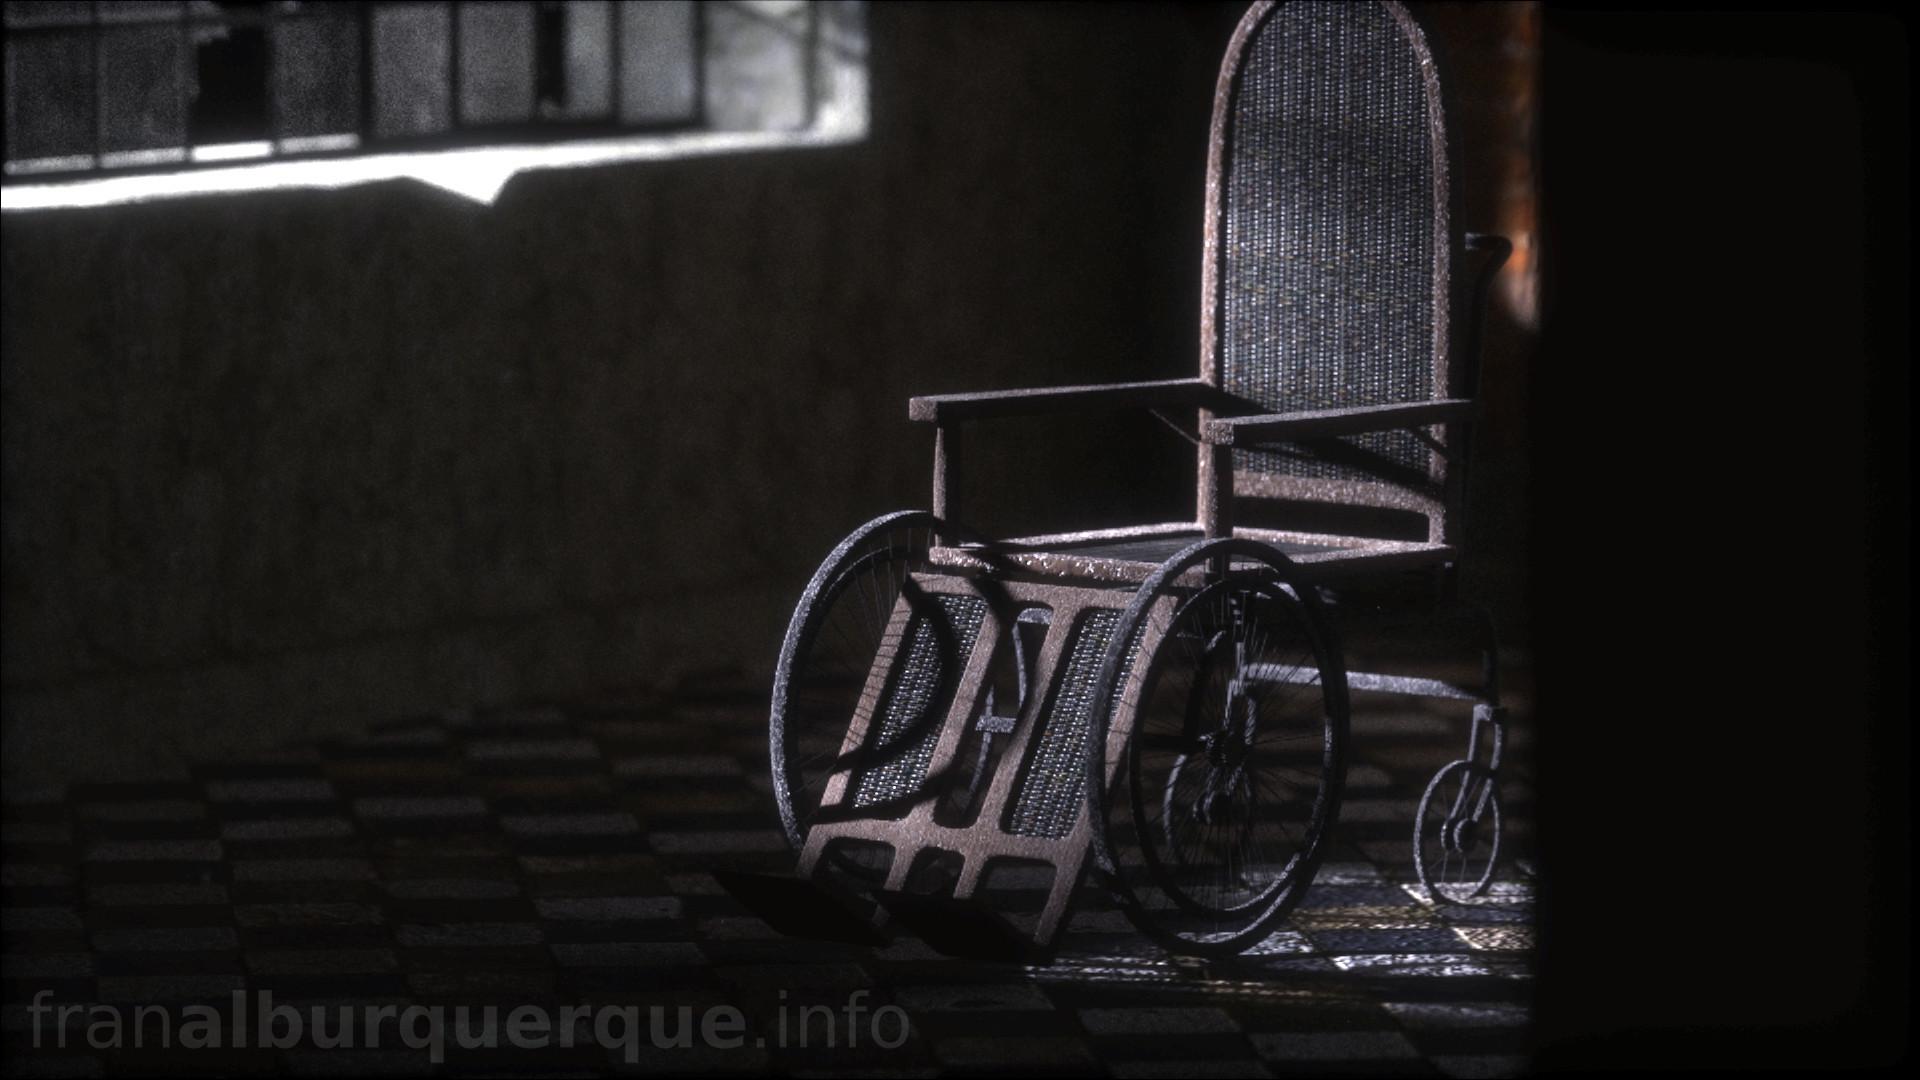 Fran alburquerque wheelchair 01